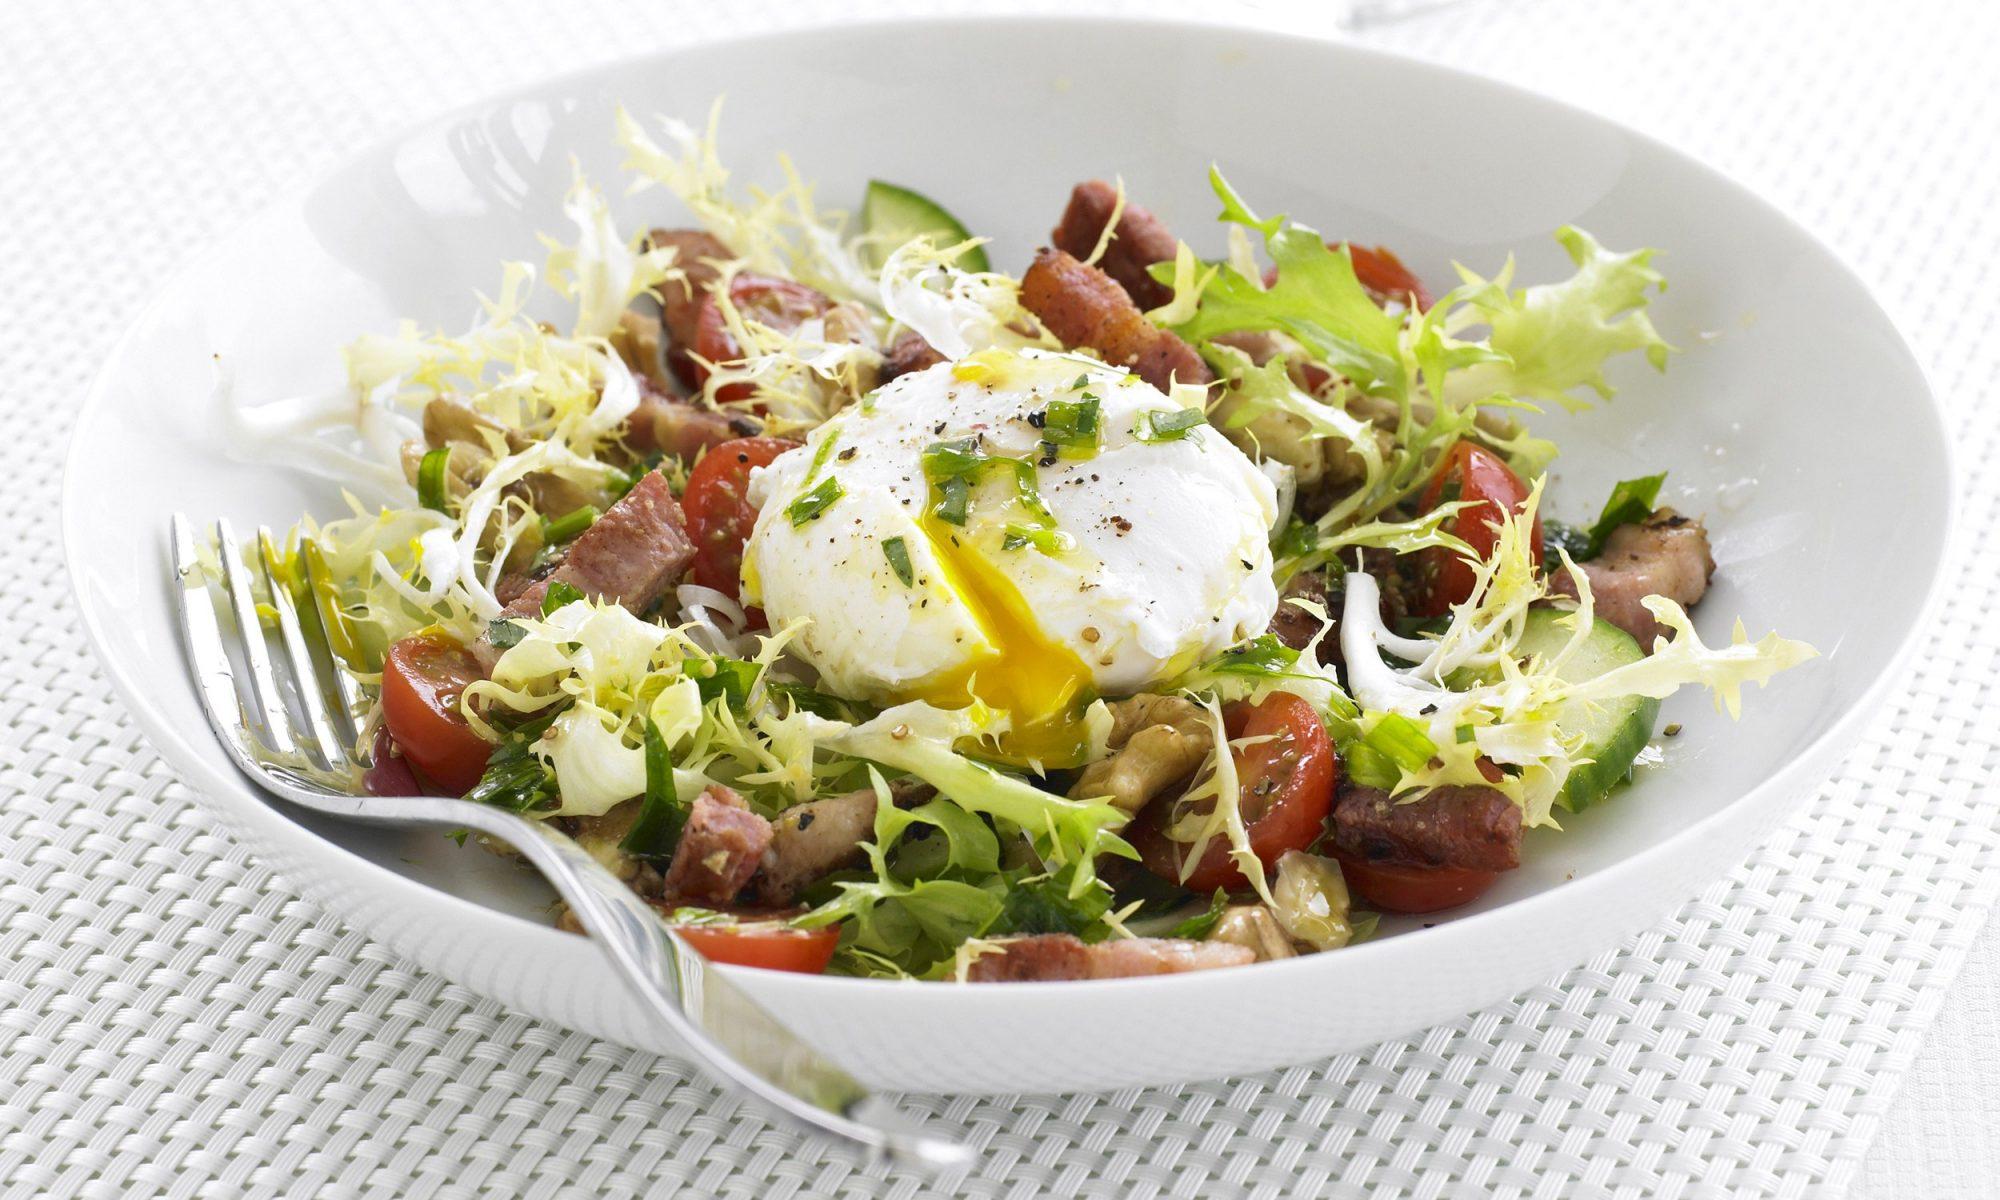 EC: Breakfast Salad Is Happening, Just Go with It